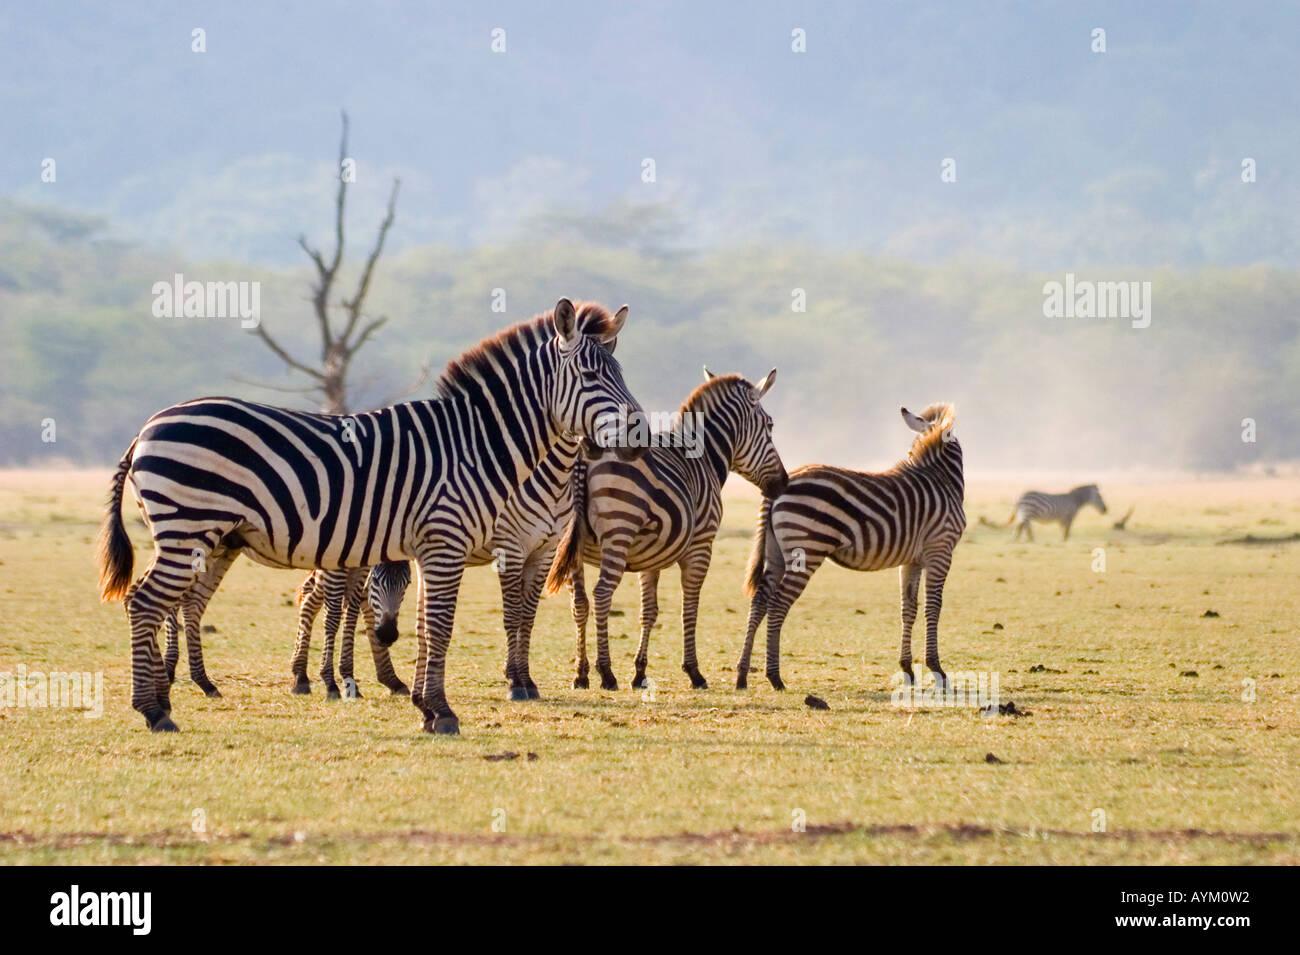 Eine Herde von gemeinsamen Zebras grasen auf den Ebenen neben Lake Manyara in East African Rift Valley in Tansania. Stockfoto